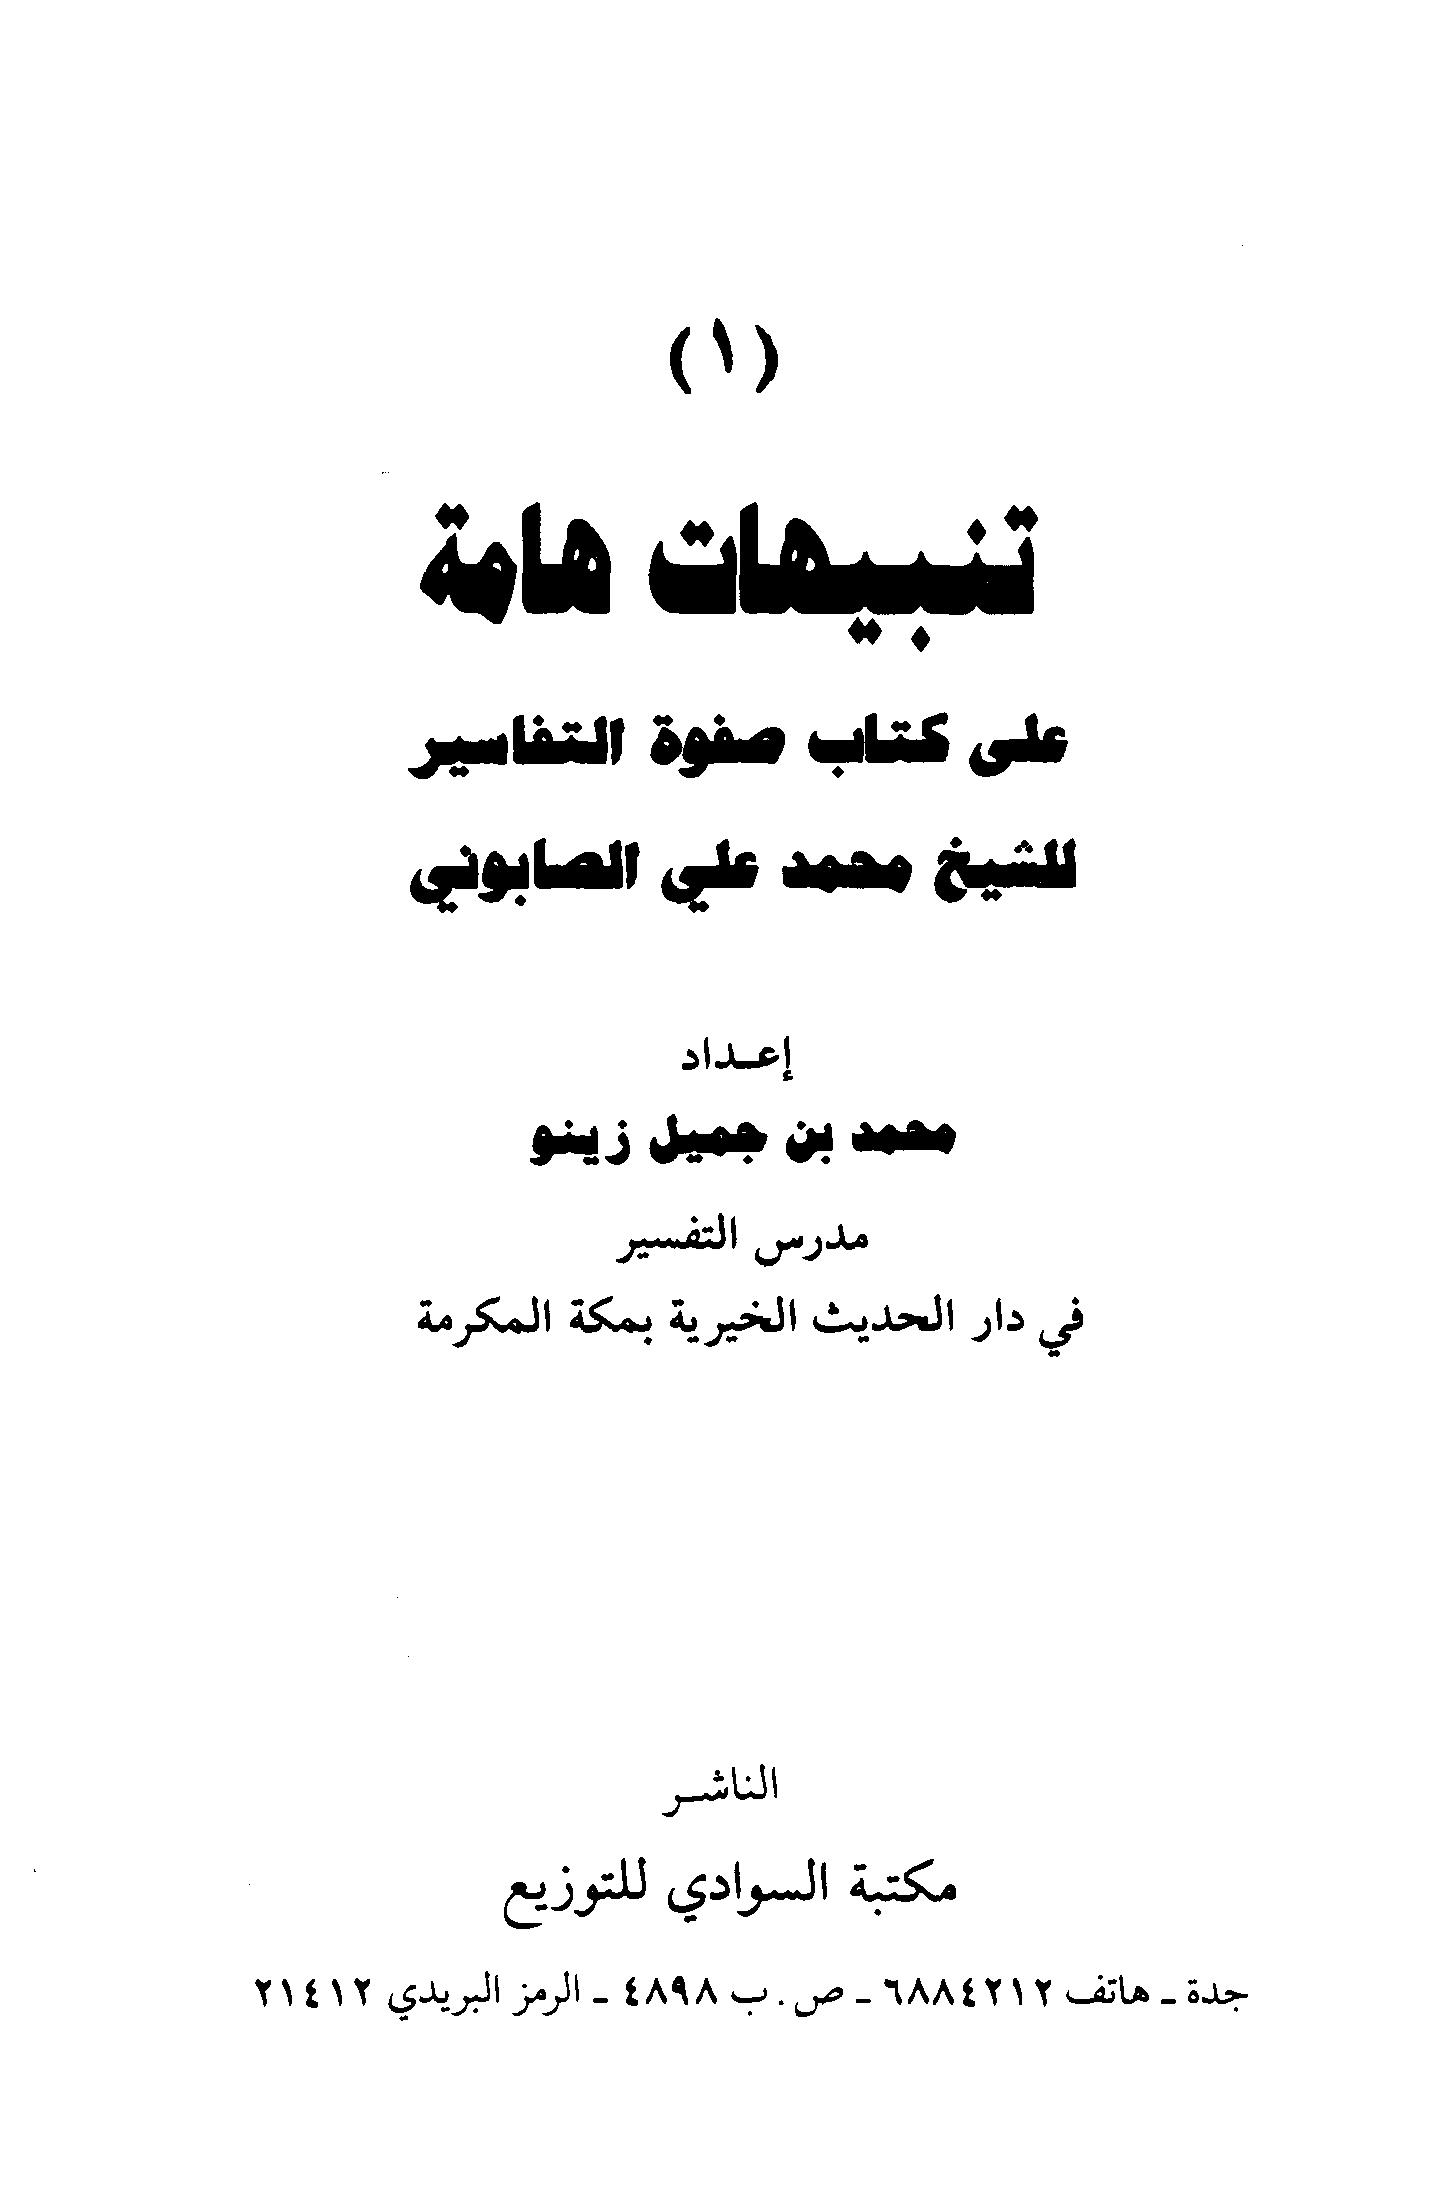 تحميل كتاب تنبيهات هامة على كتاب صفوة التفاسير لـِ: الشيخ محمد بن جميل زينو (ت 1431)